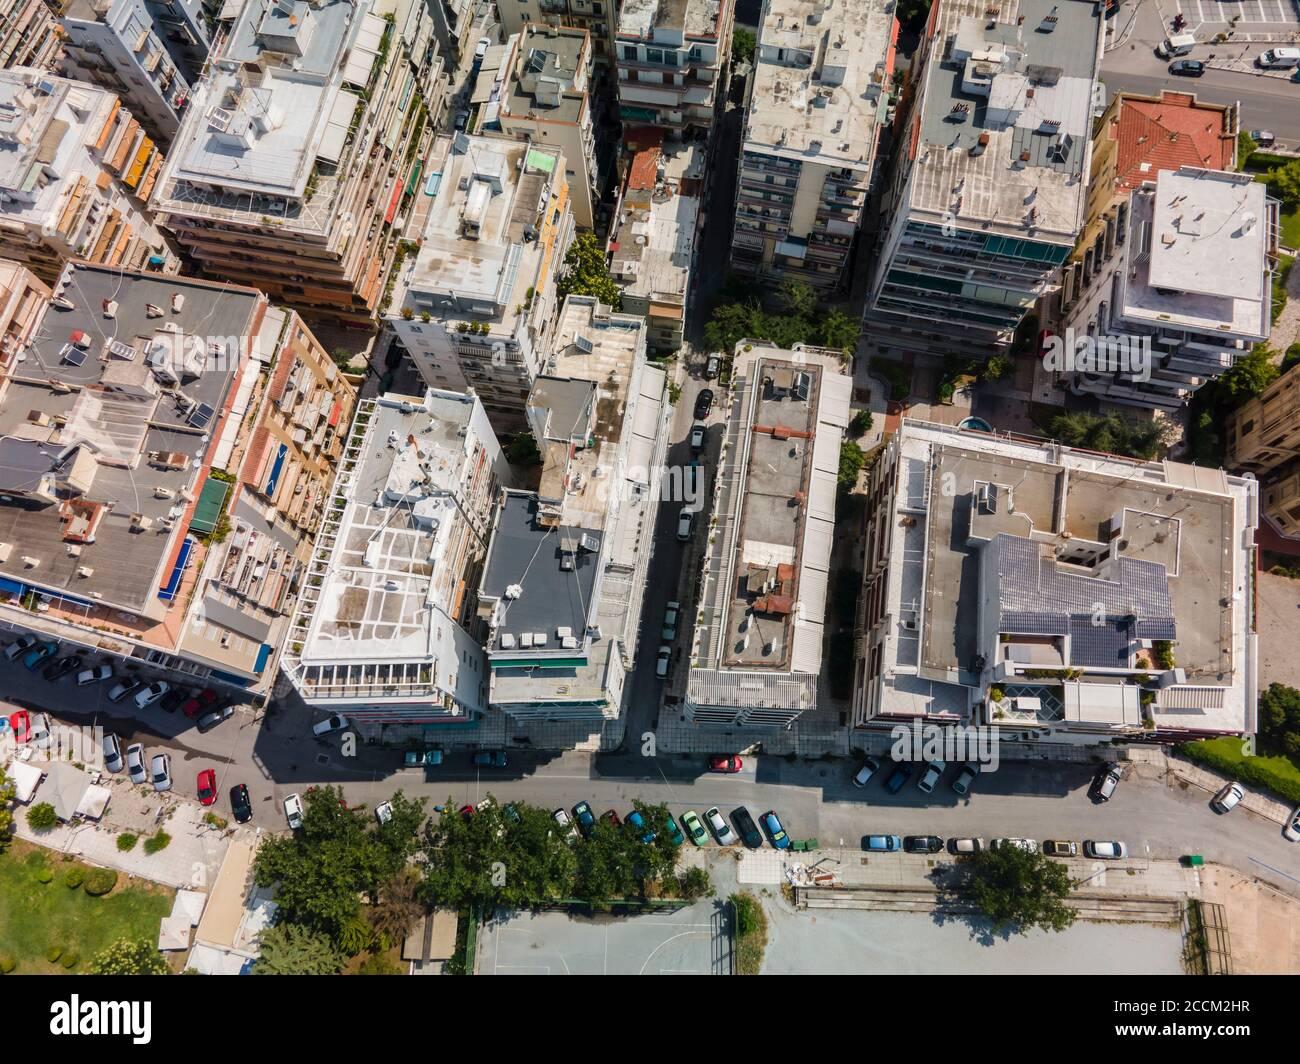 Thessaloniki, Grecia vista aérea del paisaje de los edificios del barrio Analipsi tejados. Día de vista panorámica de la ciudad europea con pisos residenciales. Foto de stock